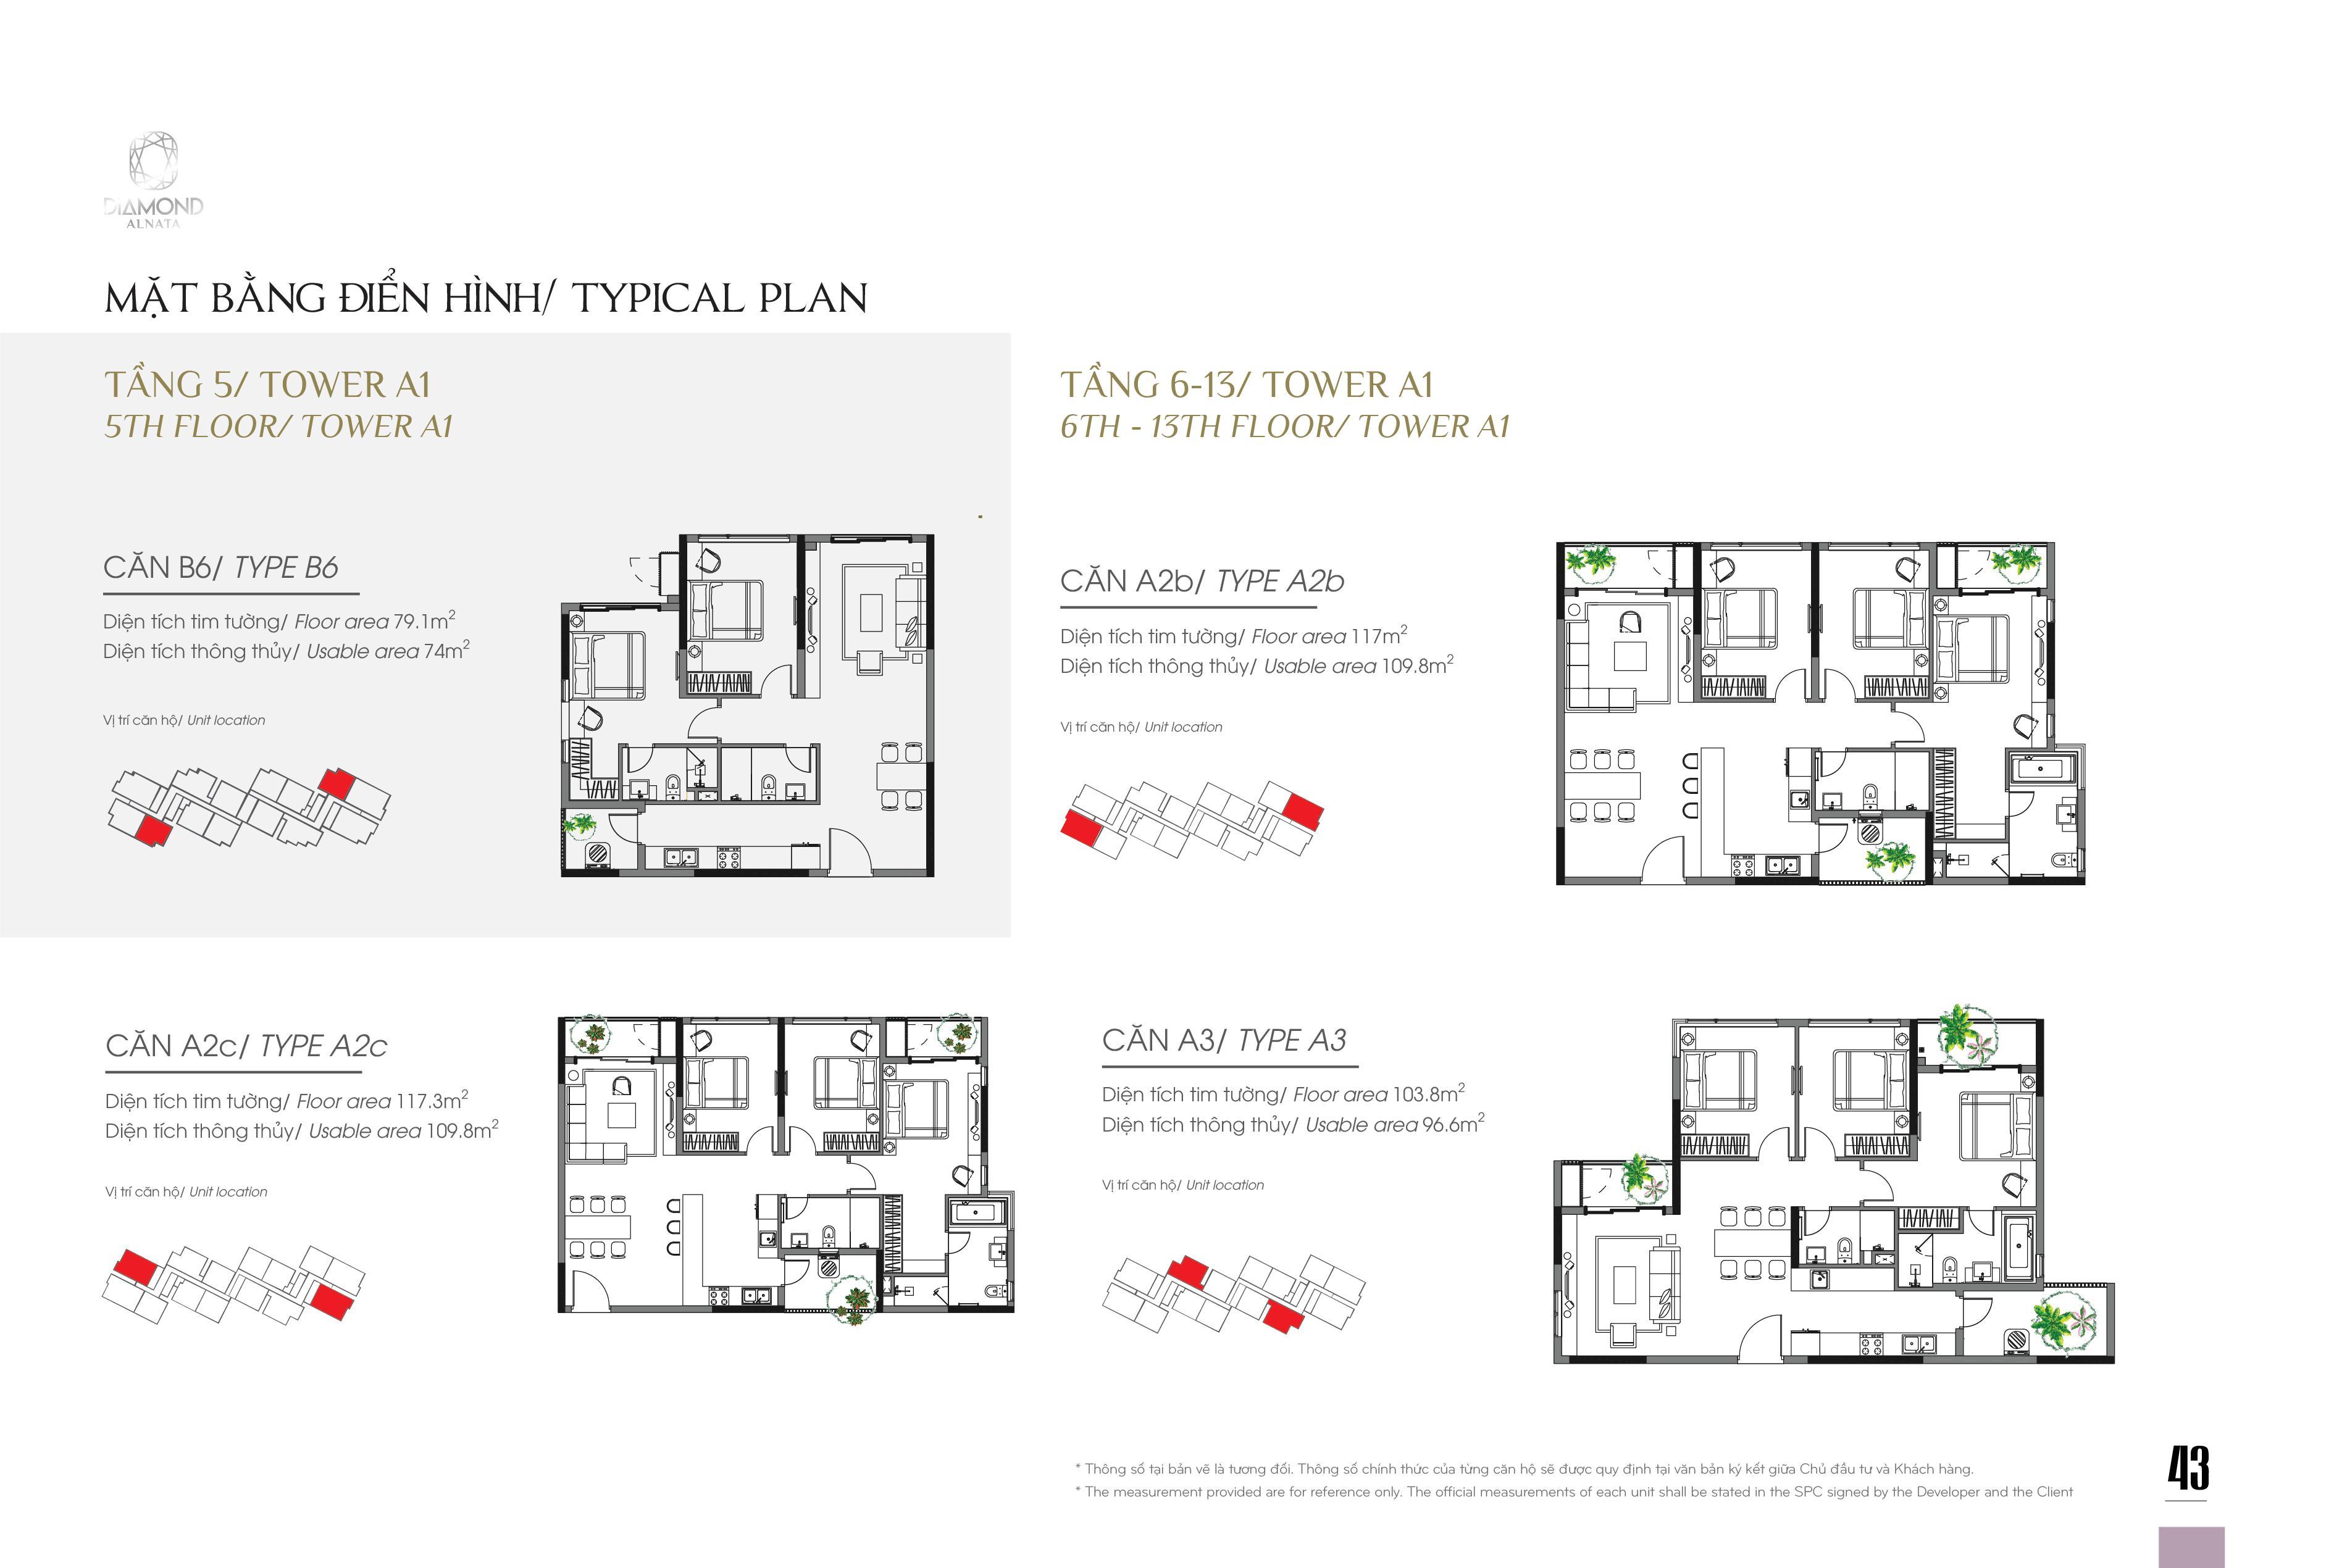 Mặt bằng các căn hộ điển hình tầng 5 – 13 khu căn hộ Diamond Alnata Tân Phú